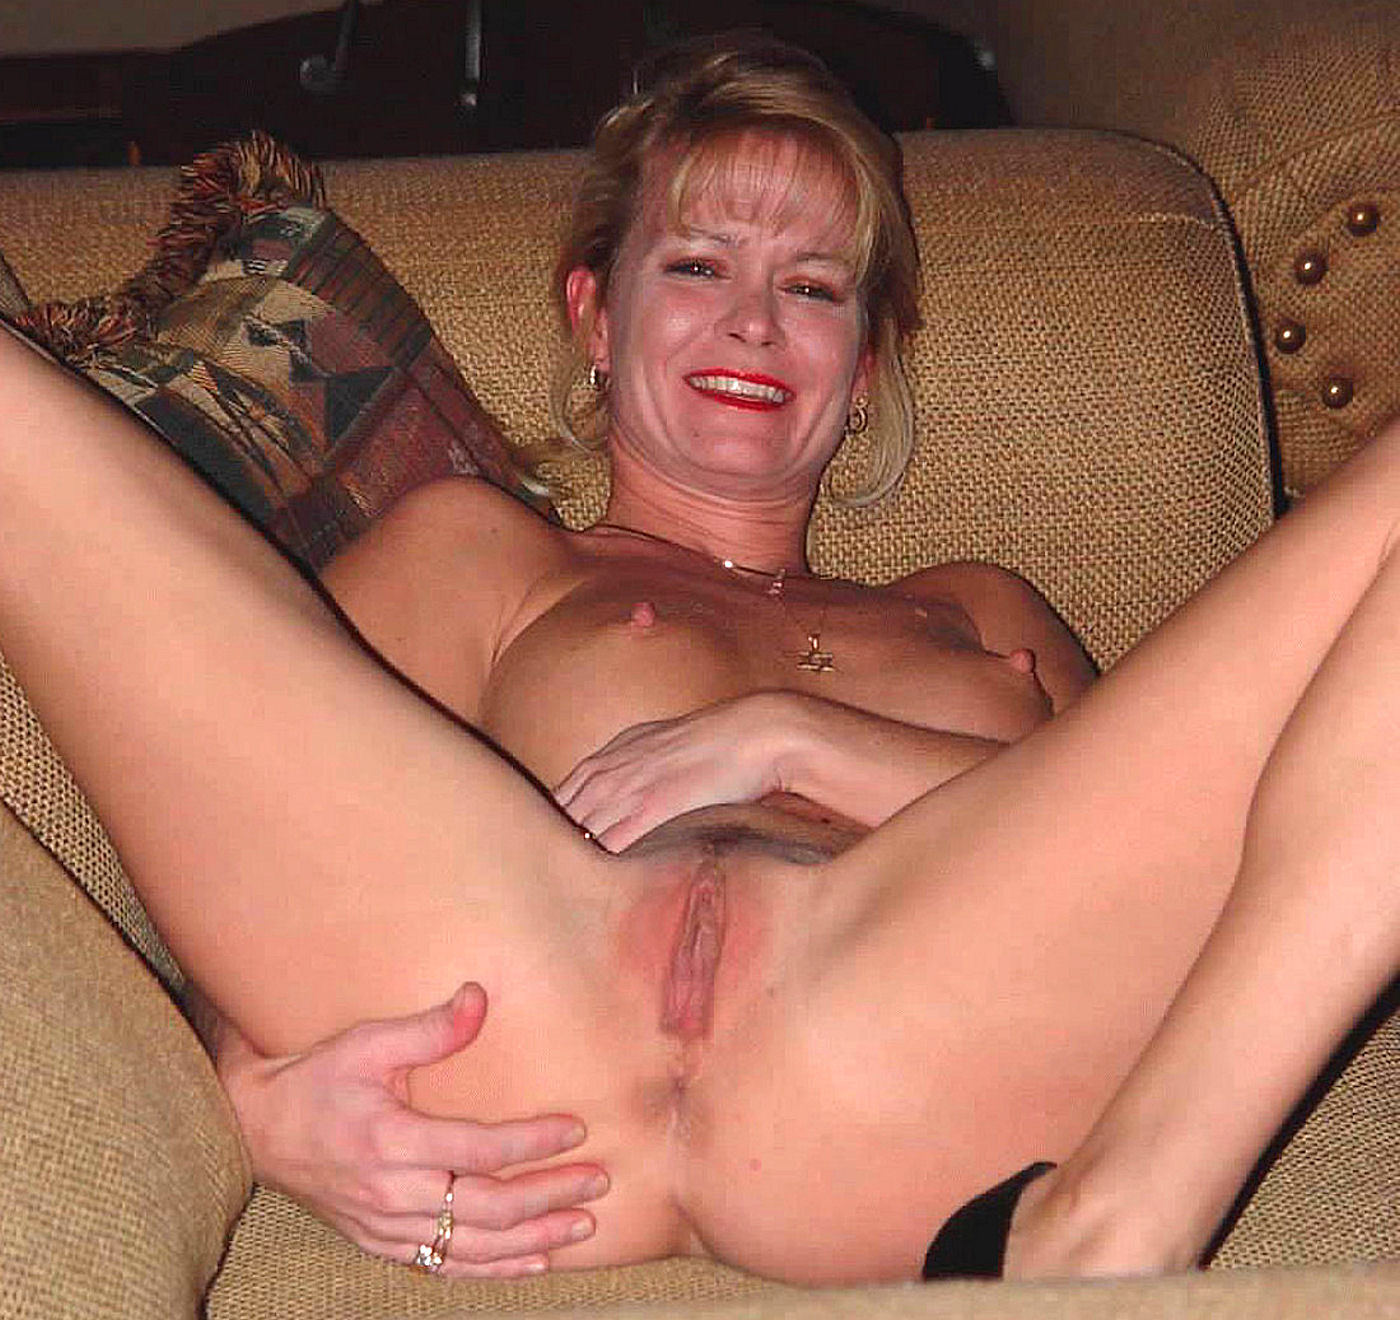 Granny Grandma Porn Pics Real